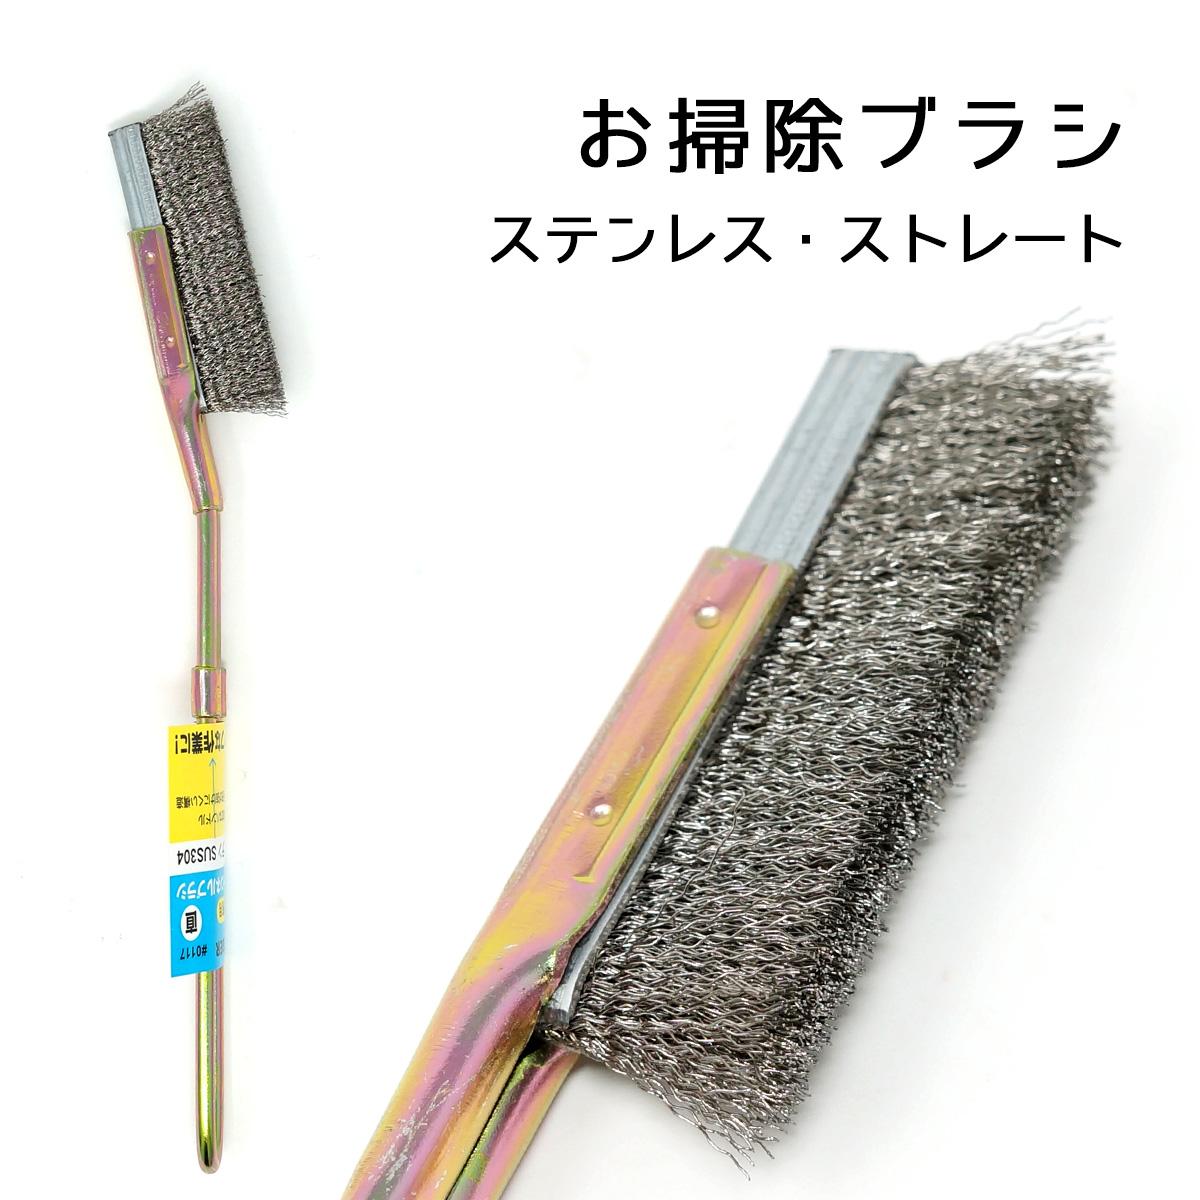 超安い 固定式ブラシ 洗浄 掃除 汚れ落とし 蔵 業務用 金属ブラシ スーパーSALE限定特価 チャンネルブラシ ステンレス お掃除ブラシ